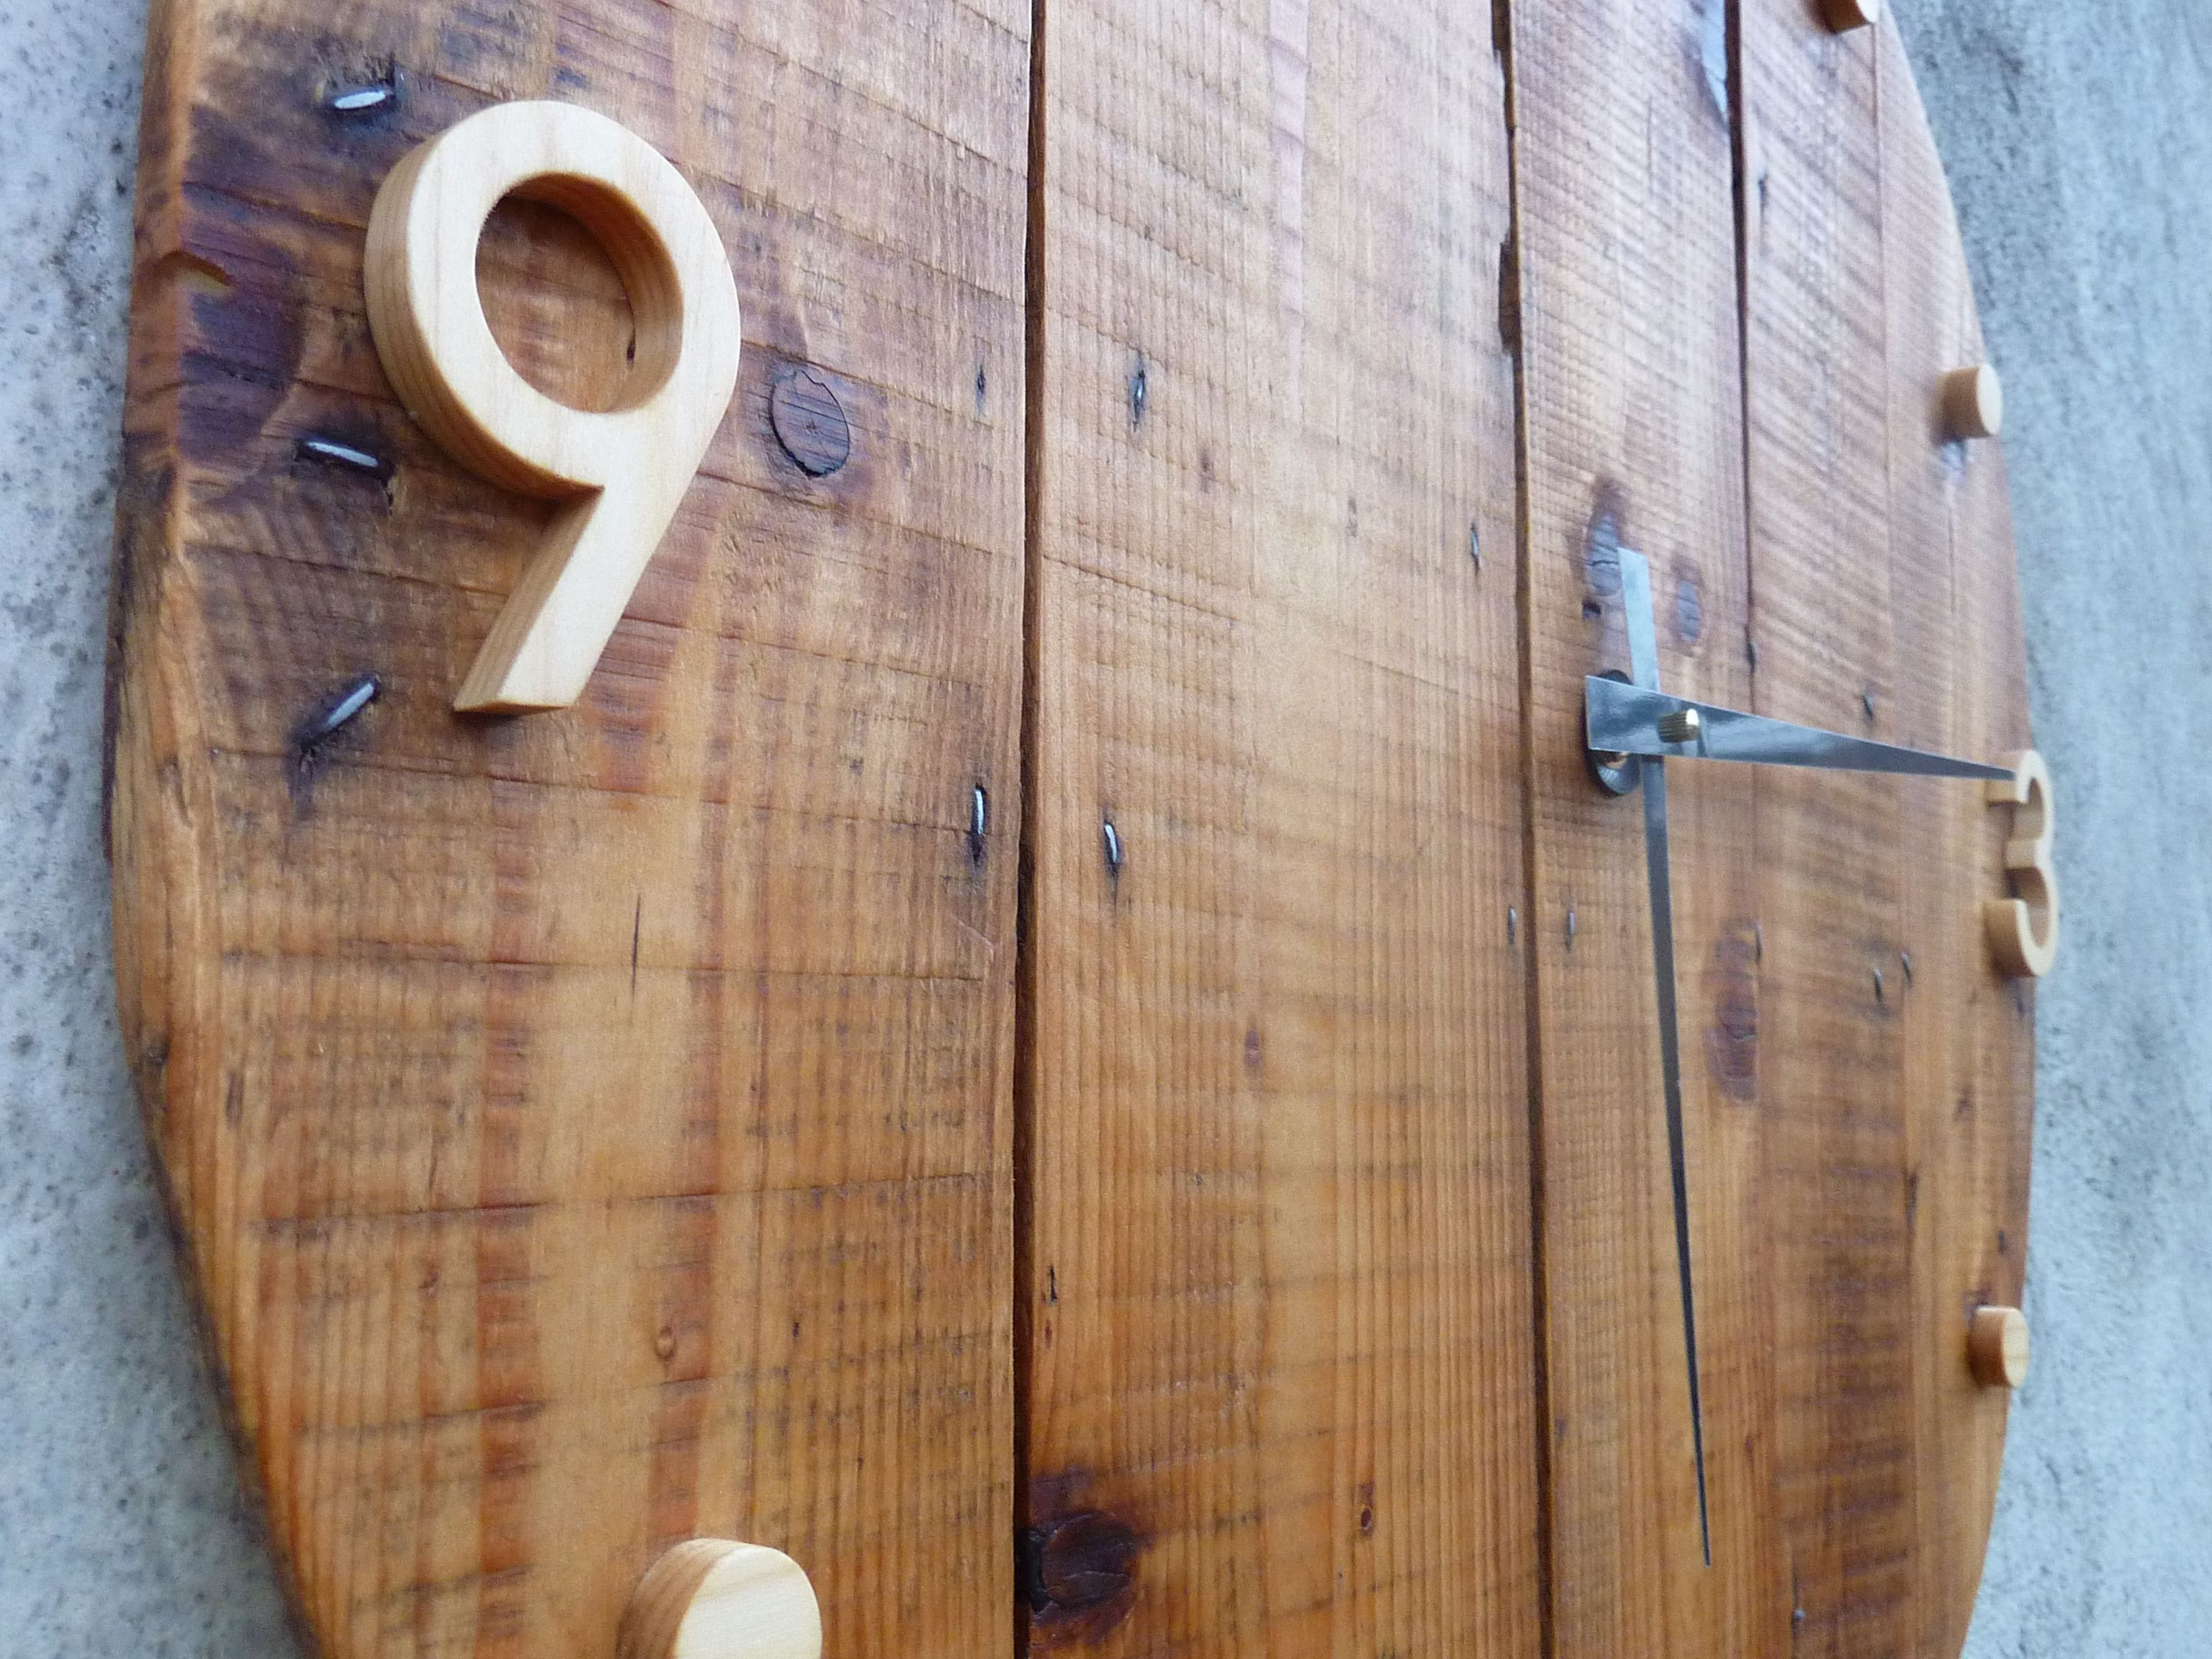 horloge murale en bois style rustique et industriel i wood clocks i grande horloge en bois. Black Bedroom Furniture Sets. Home Design Ideas